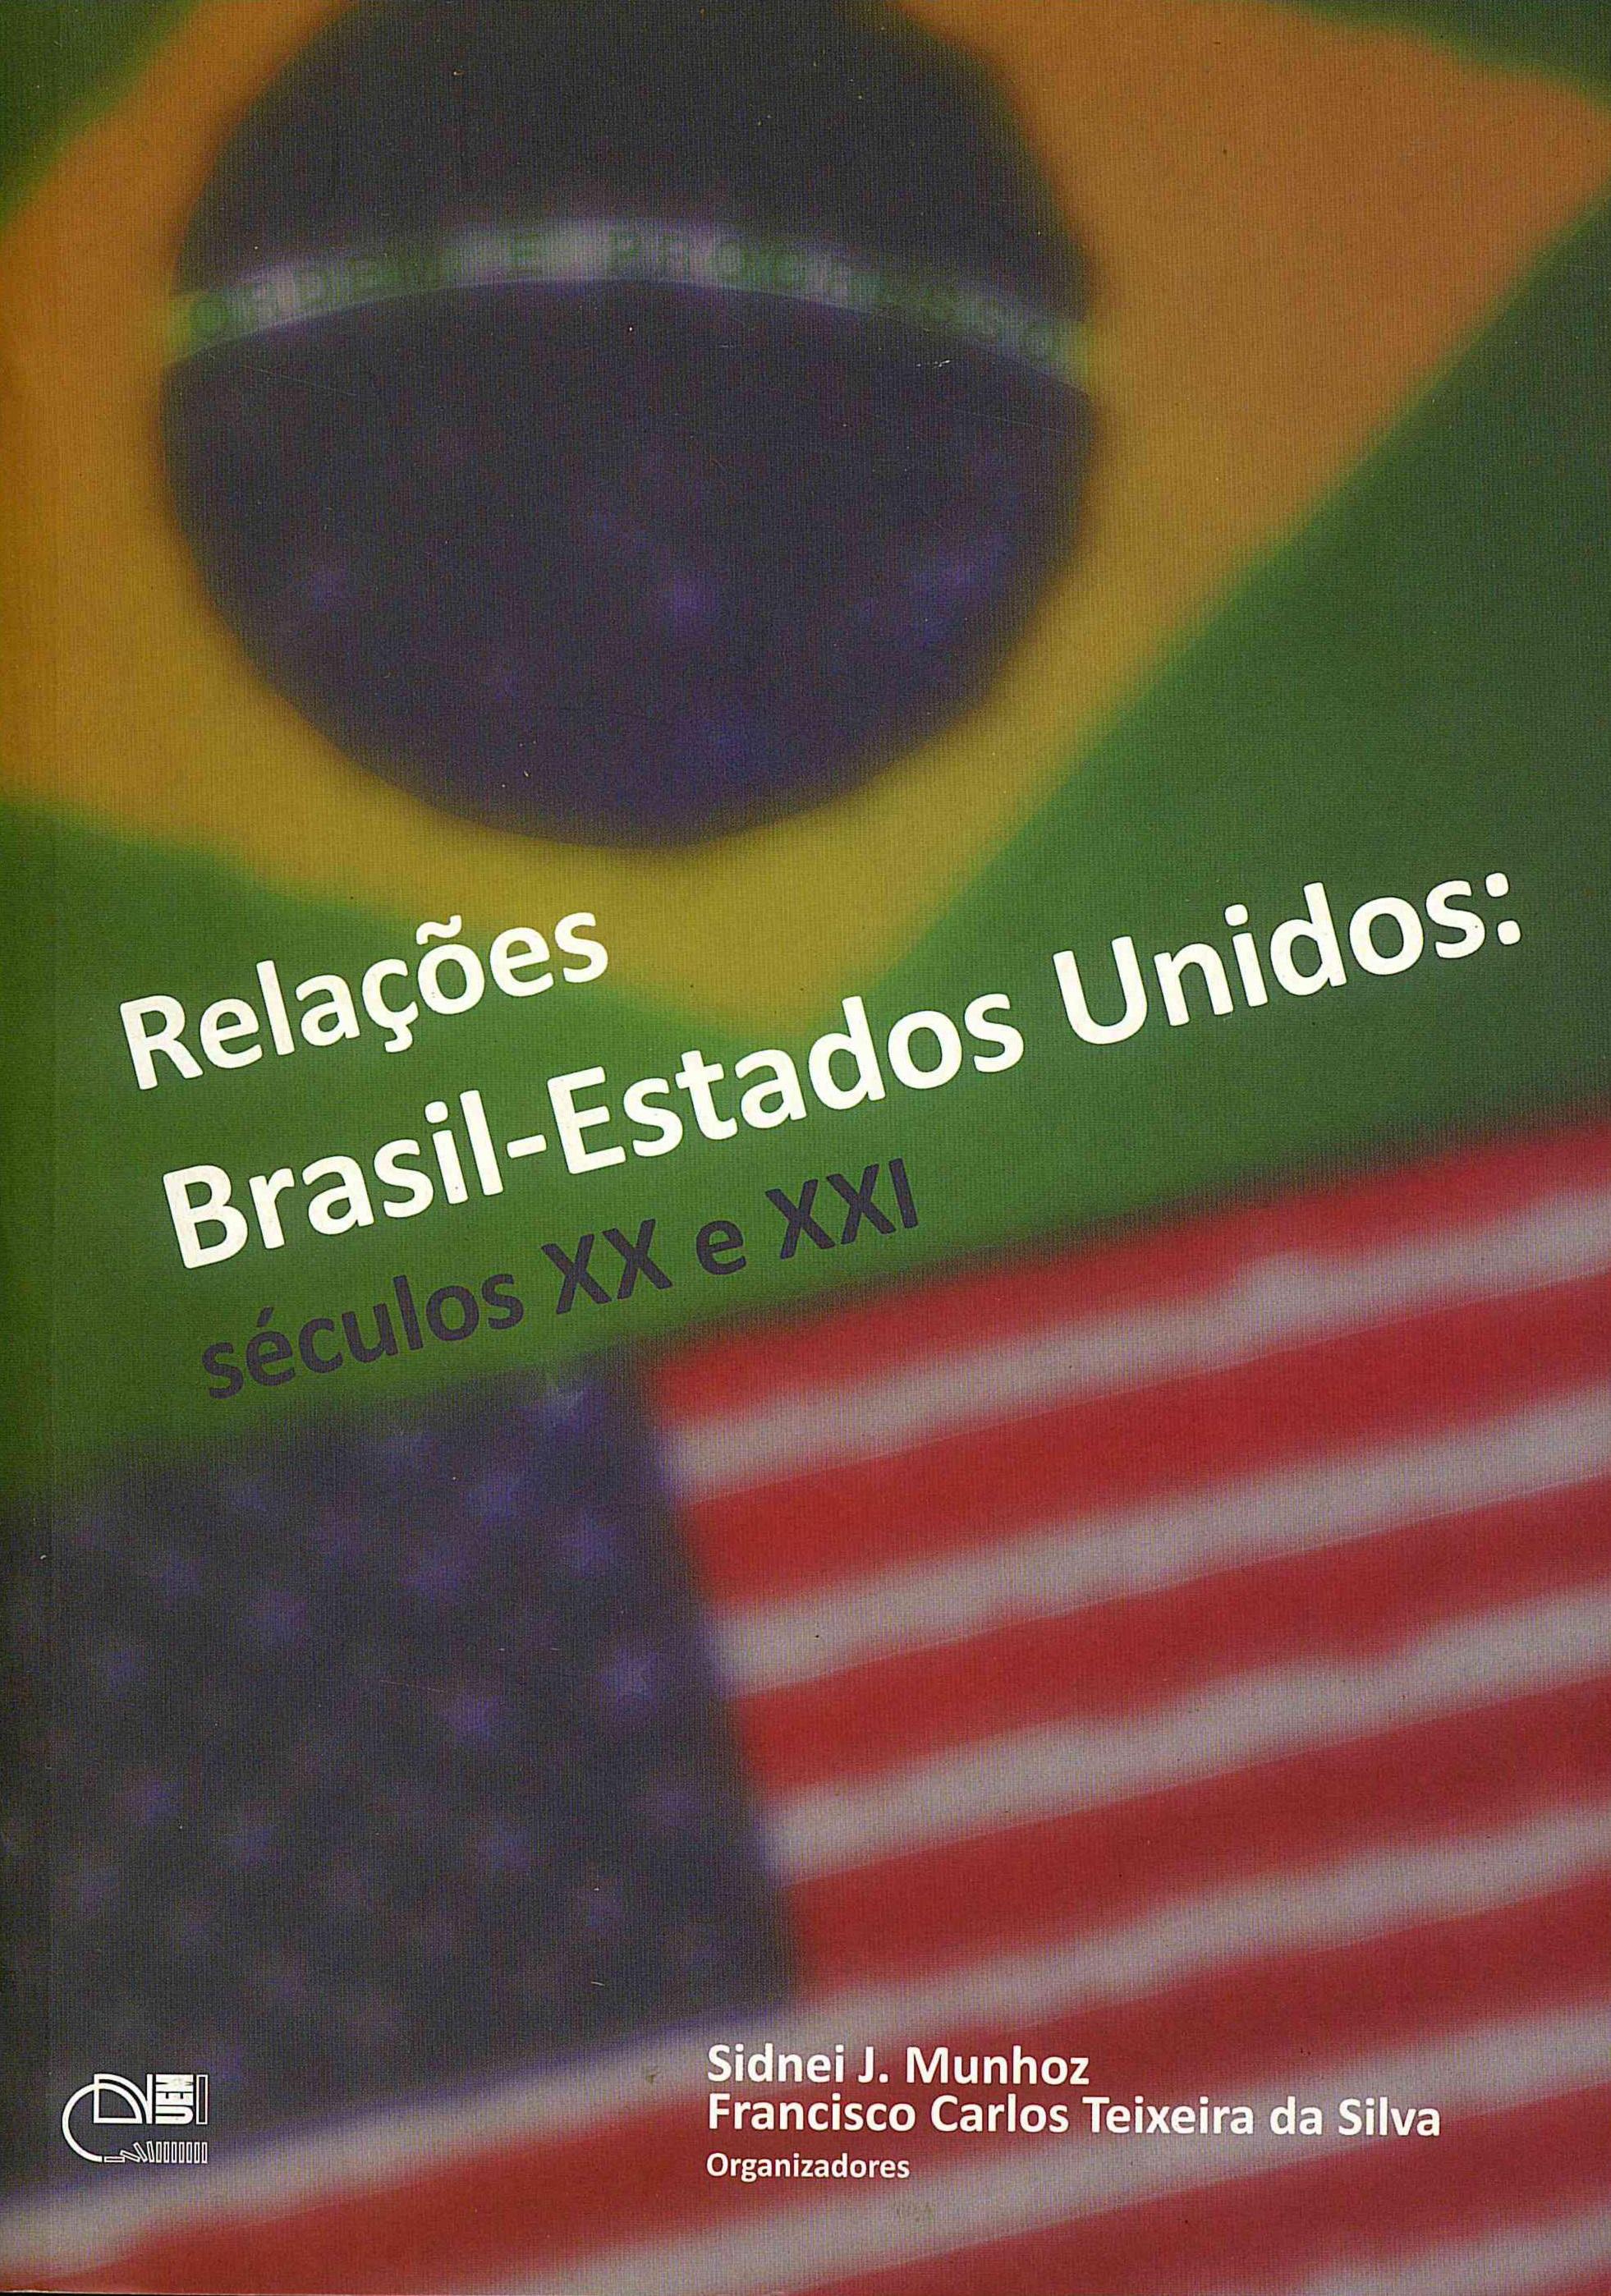 Relações Brasil-Estados Unidos: séculos XX e XXI